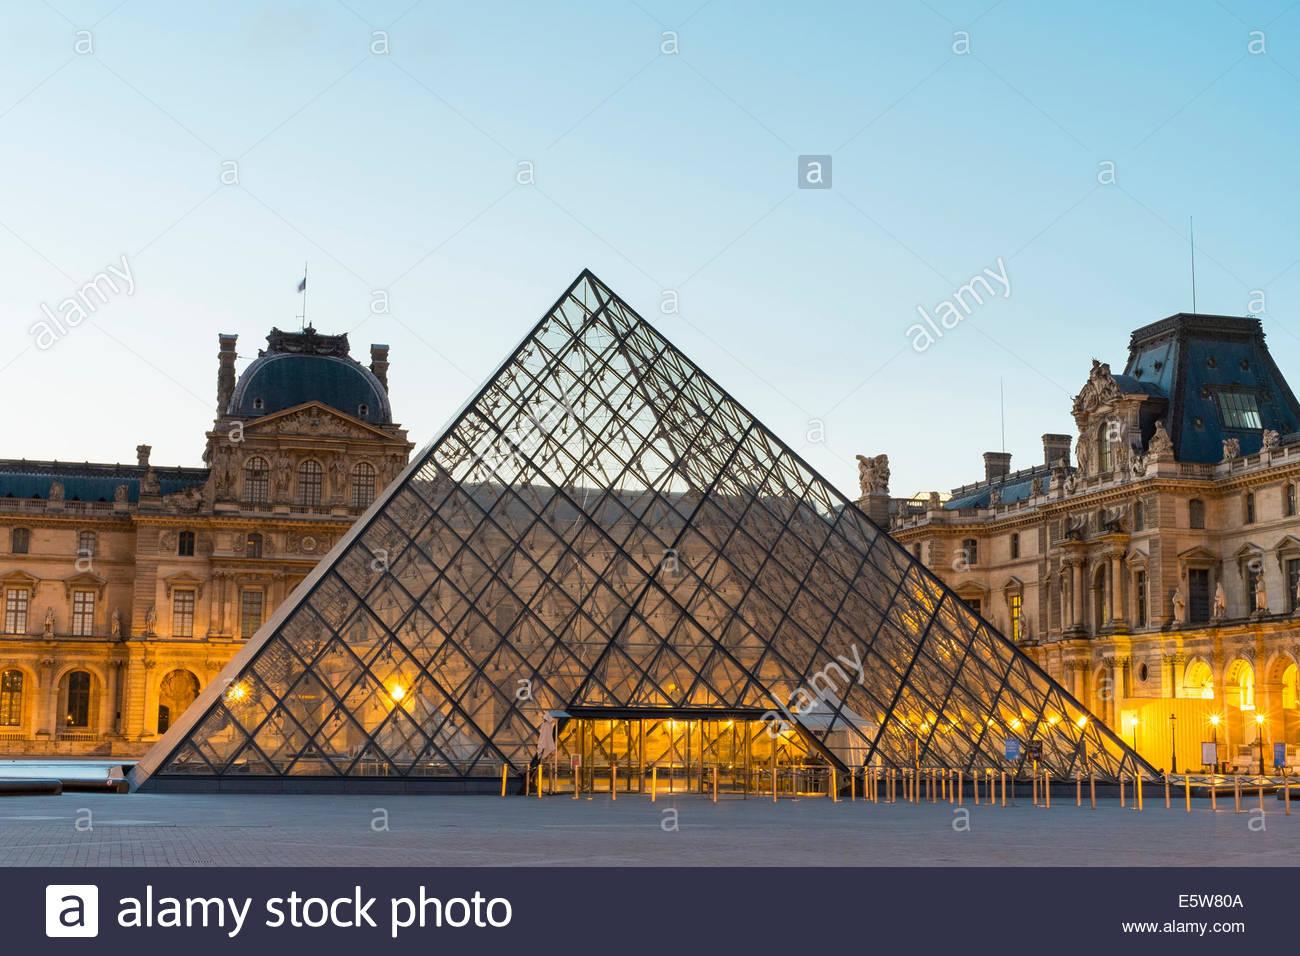 Patio y la pirámide de cristal del Louvre, París, al amanecer Îsle-de-France, Francia Foto de stock